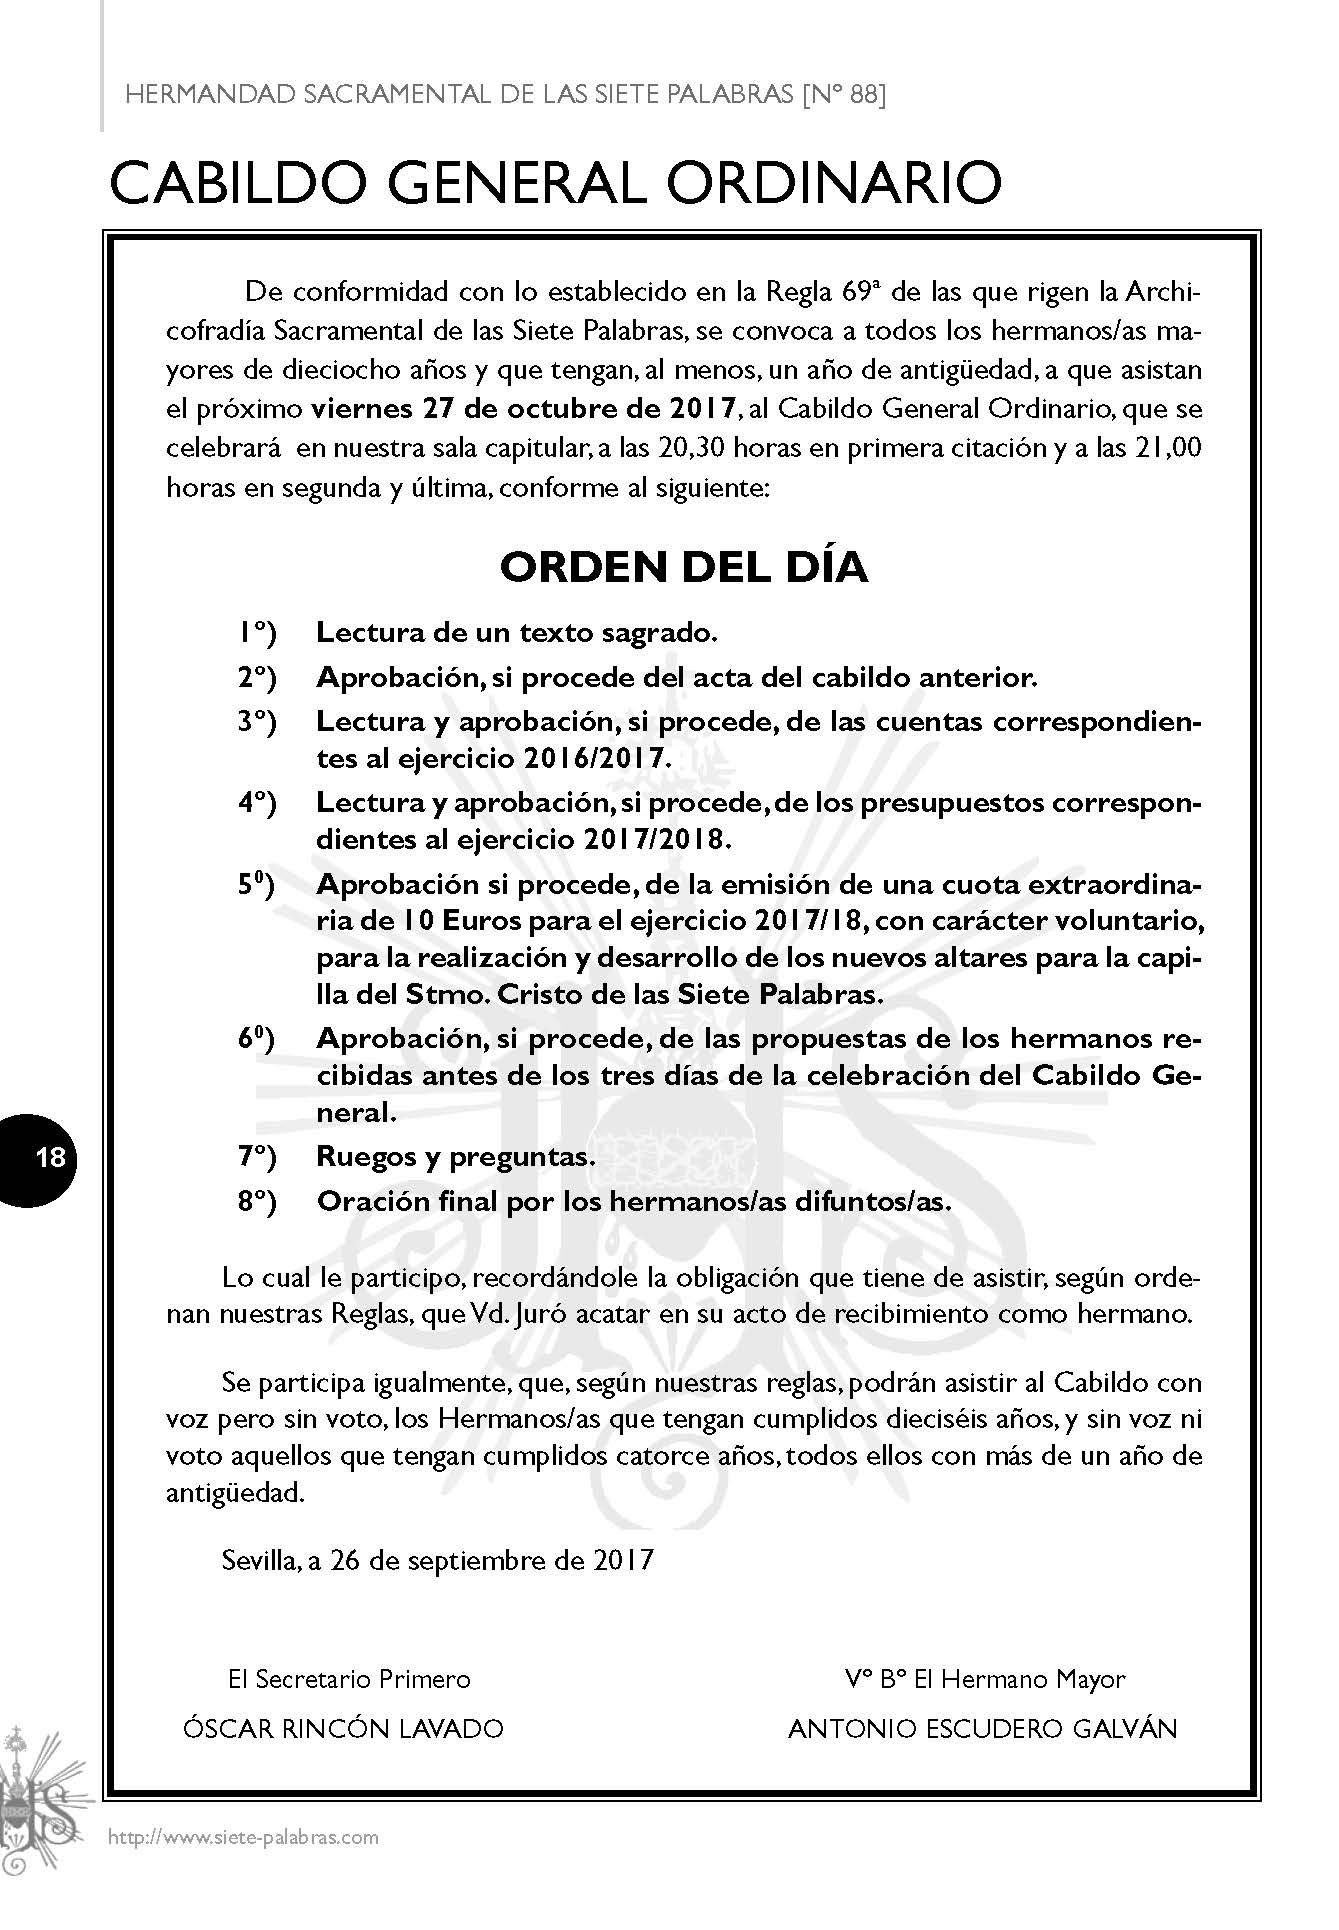 ORDEN DEL DÍA CABILDO GENERAL 27-10-2017